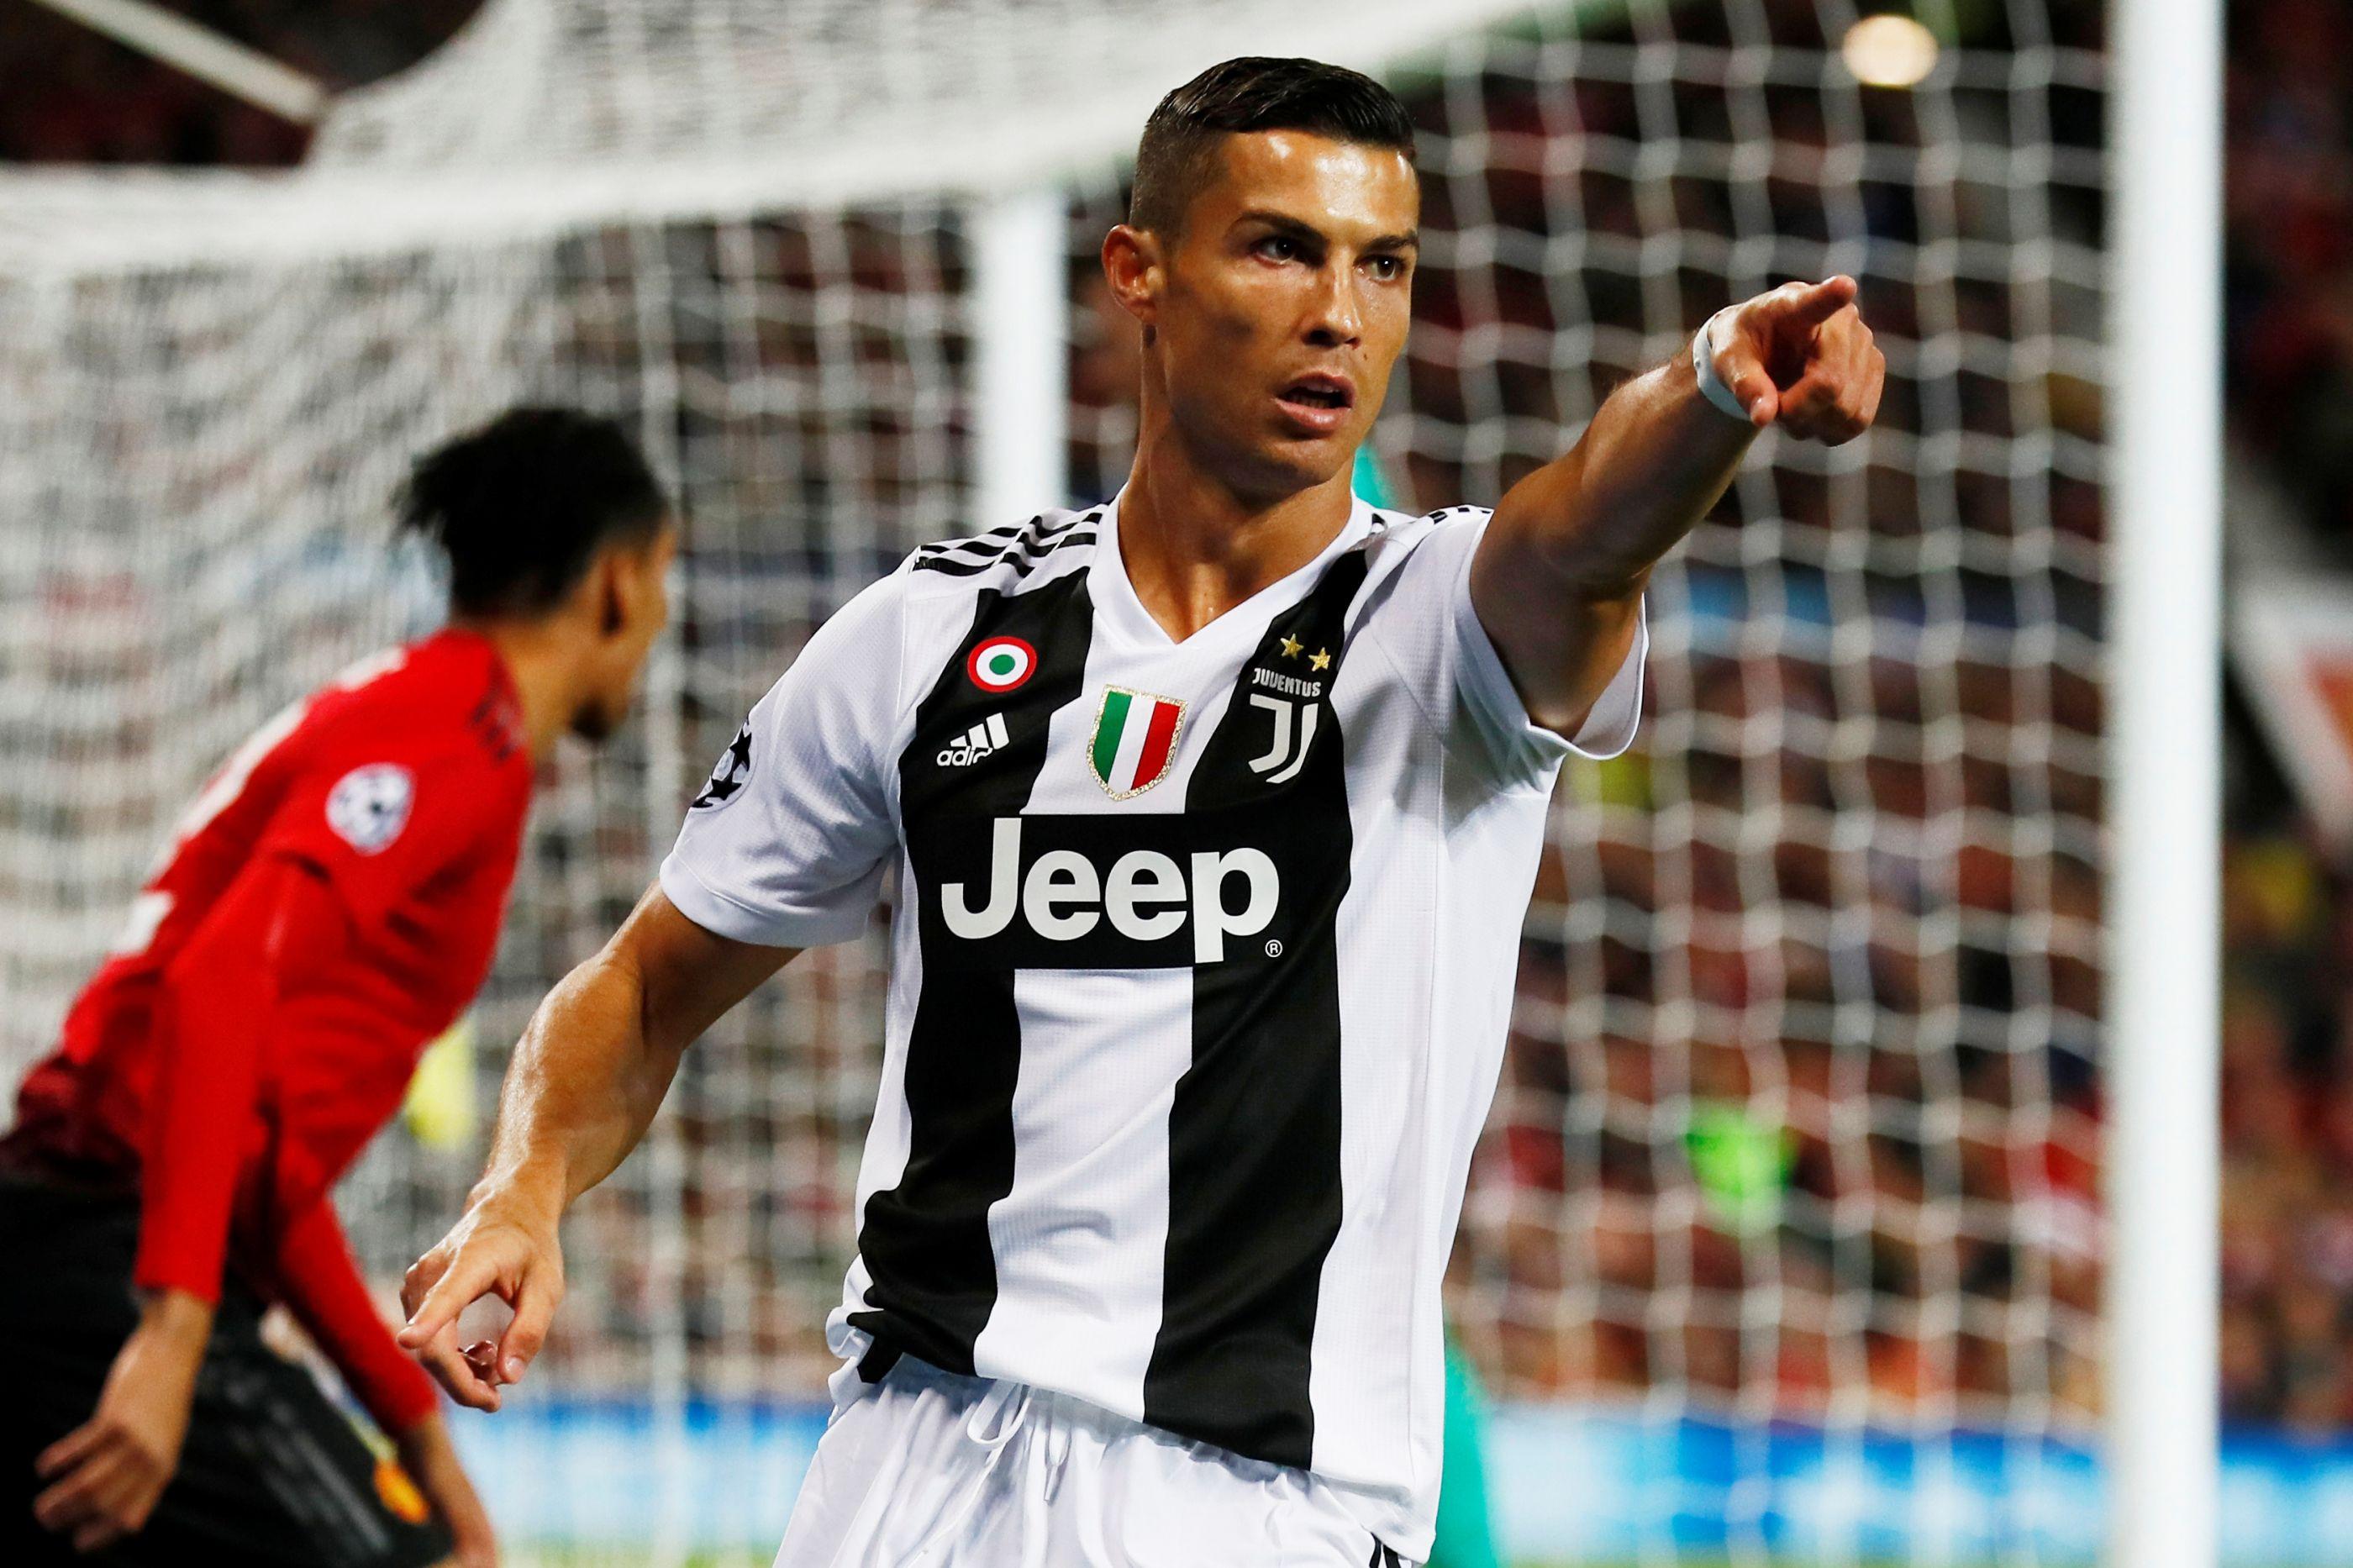 Fenómeno CR7: Os números que provam que a Juventus nunca mais foi a mesma